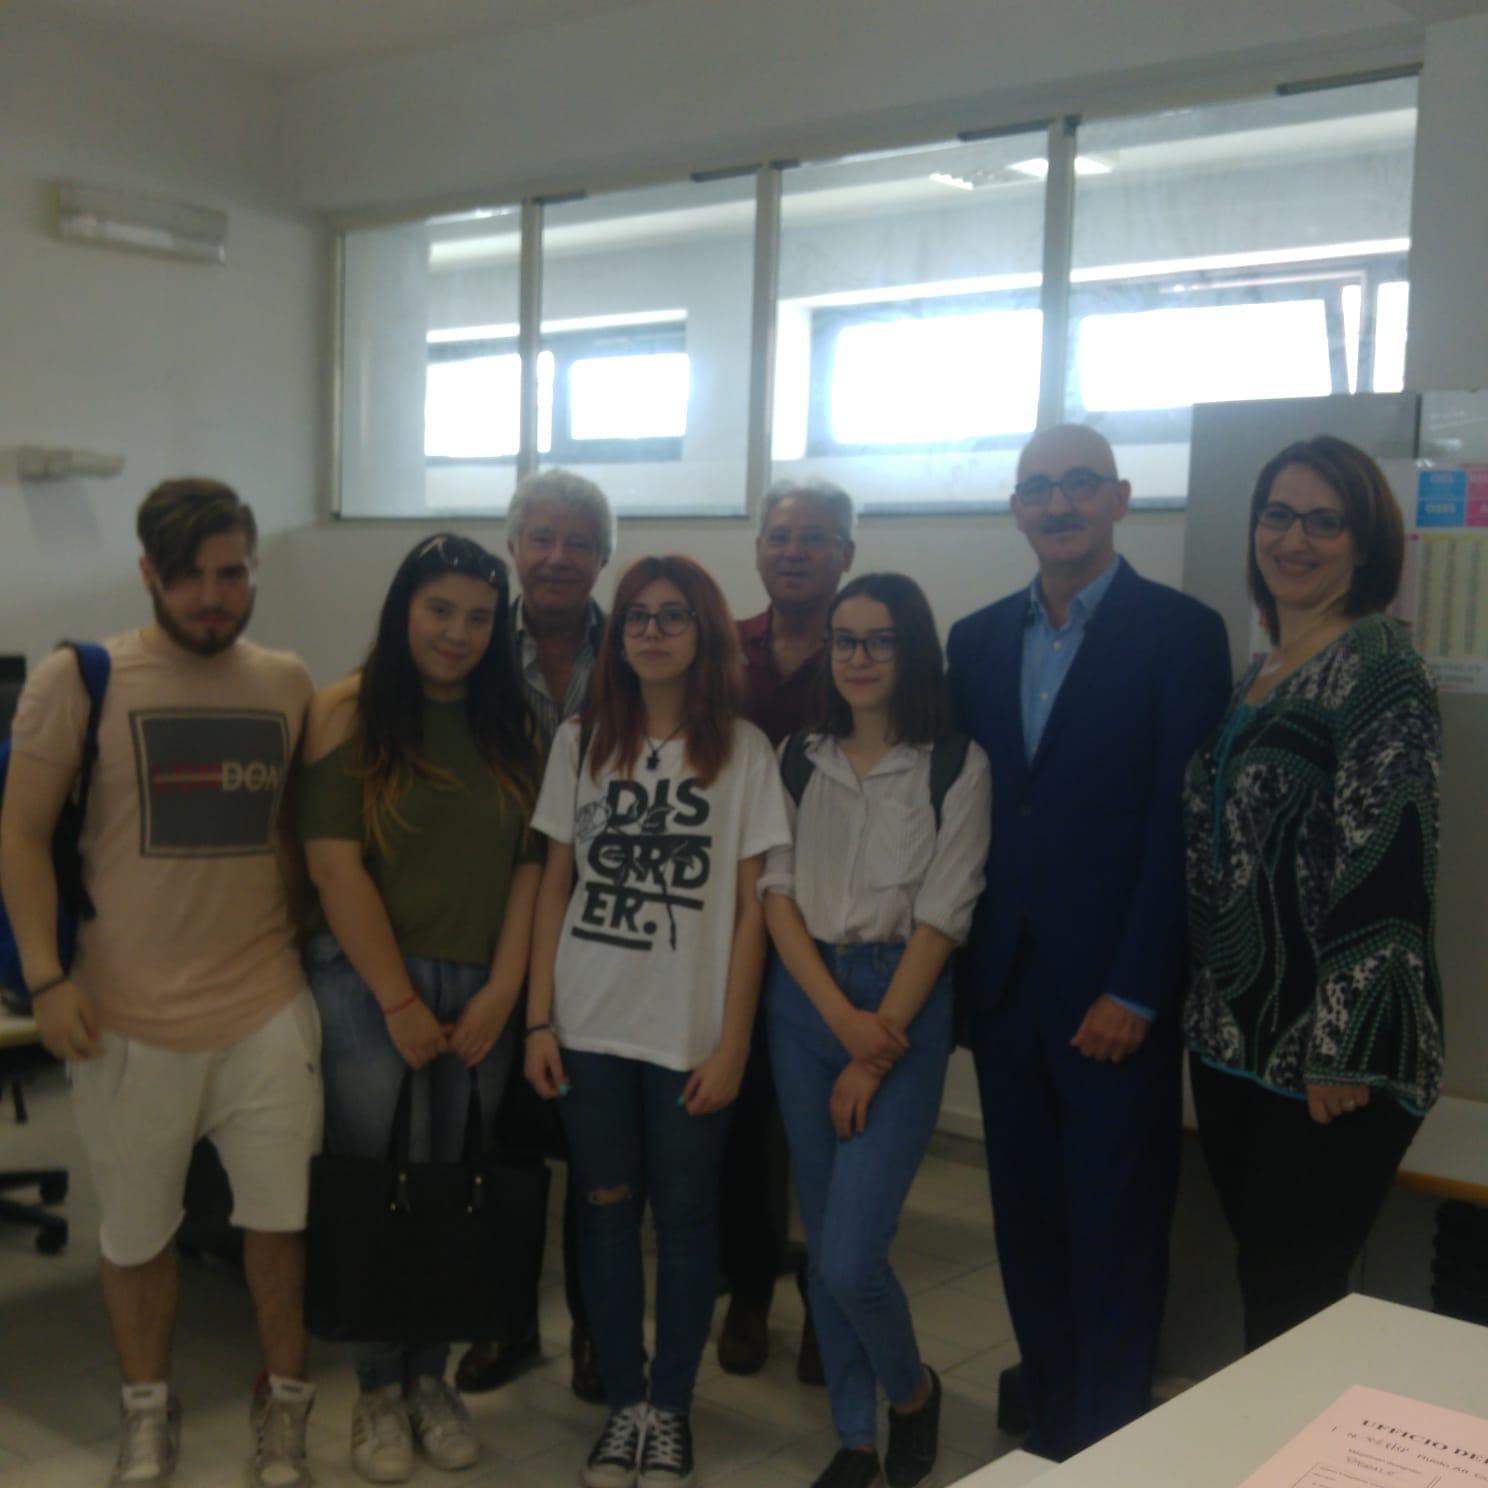 Progetto Alternanza Scuola lavoro-studenti Liceo-giudice di pace